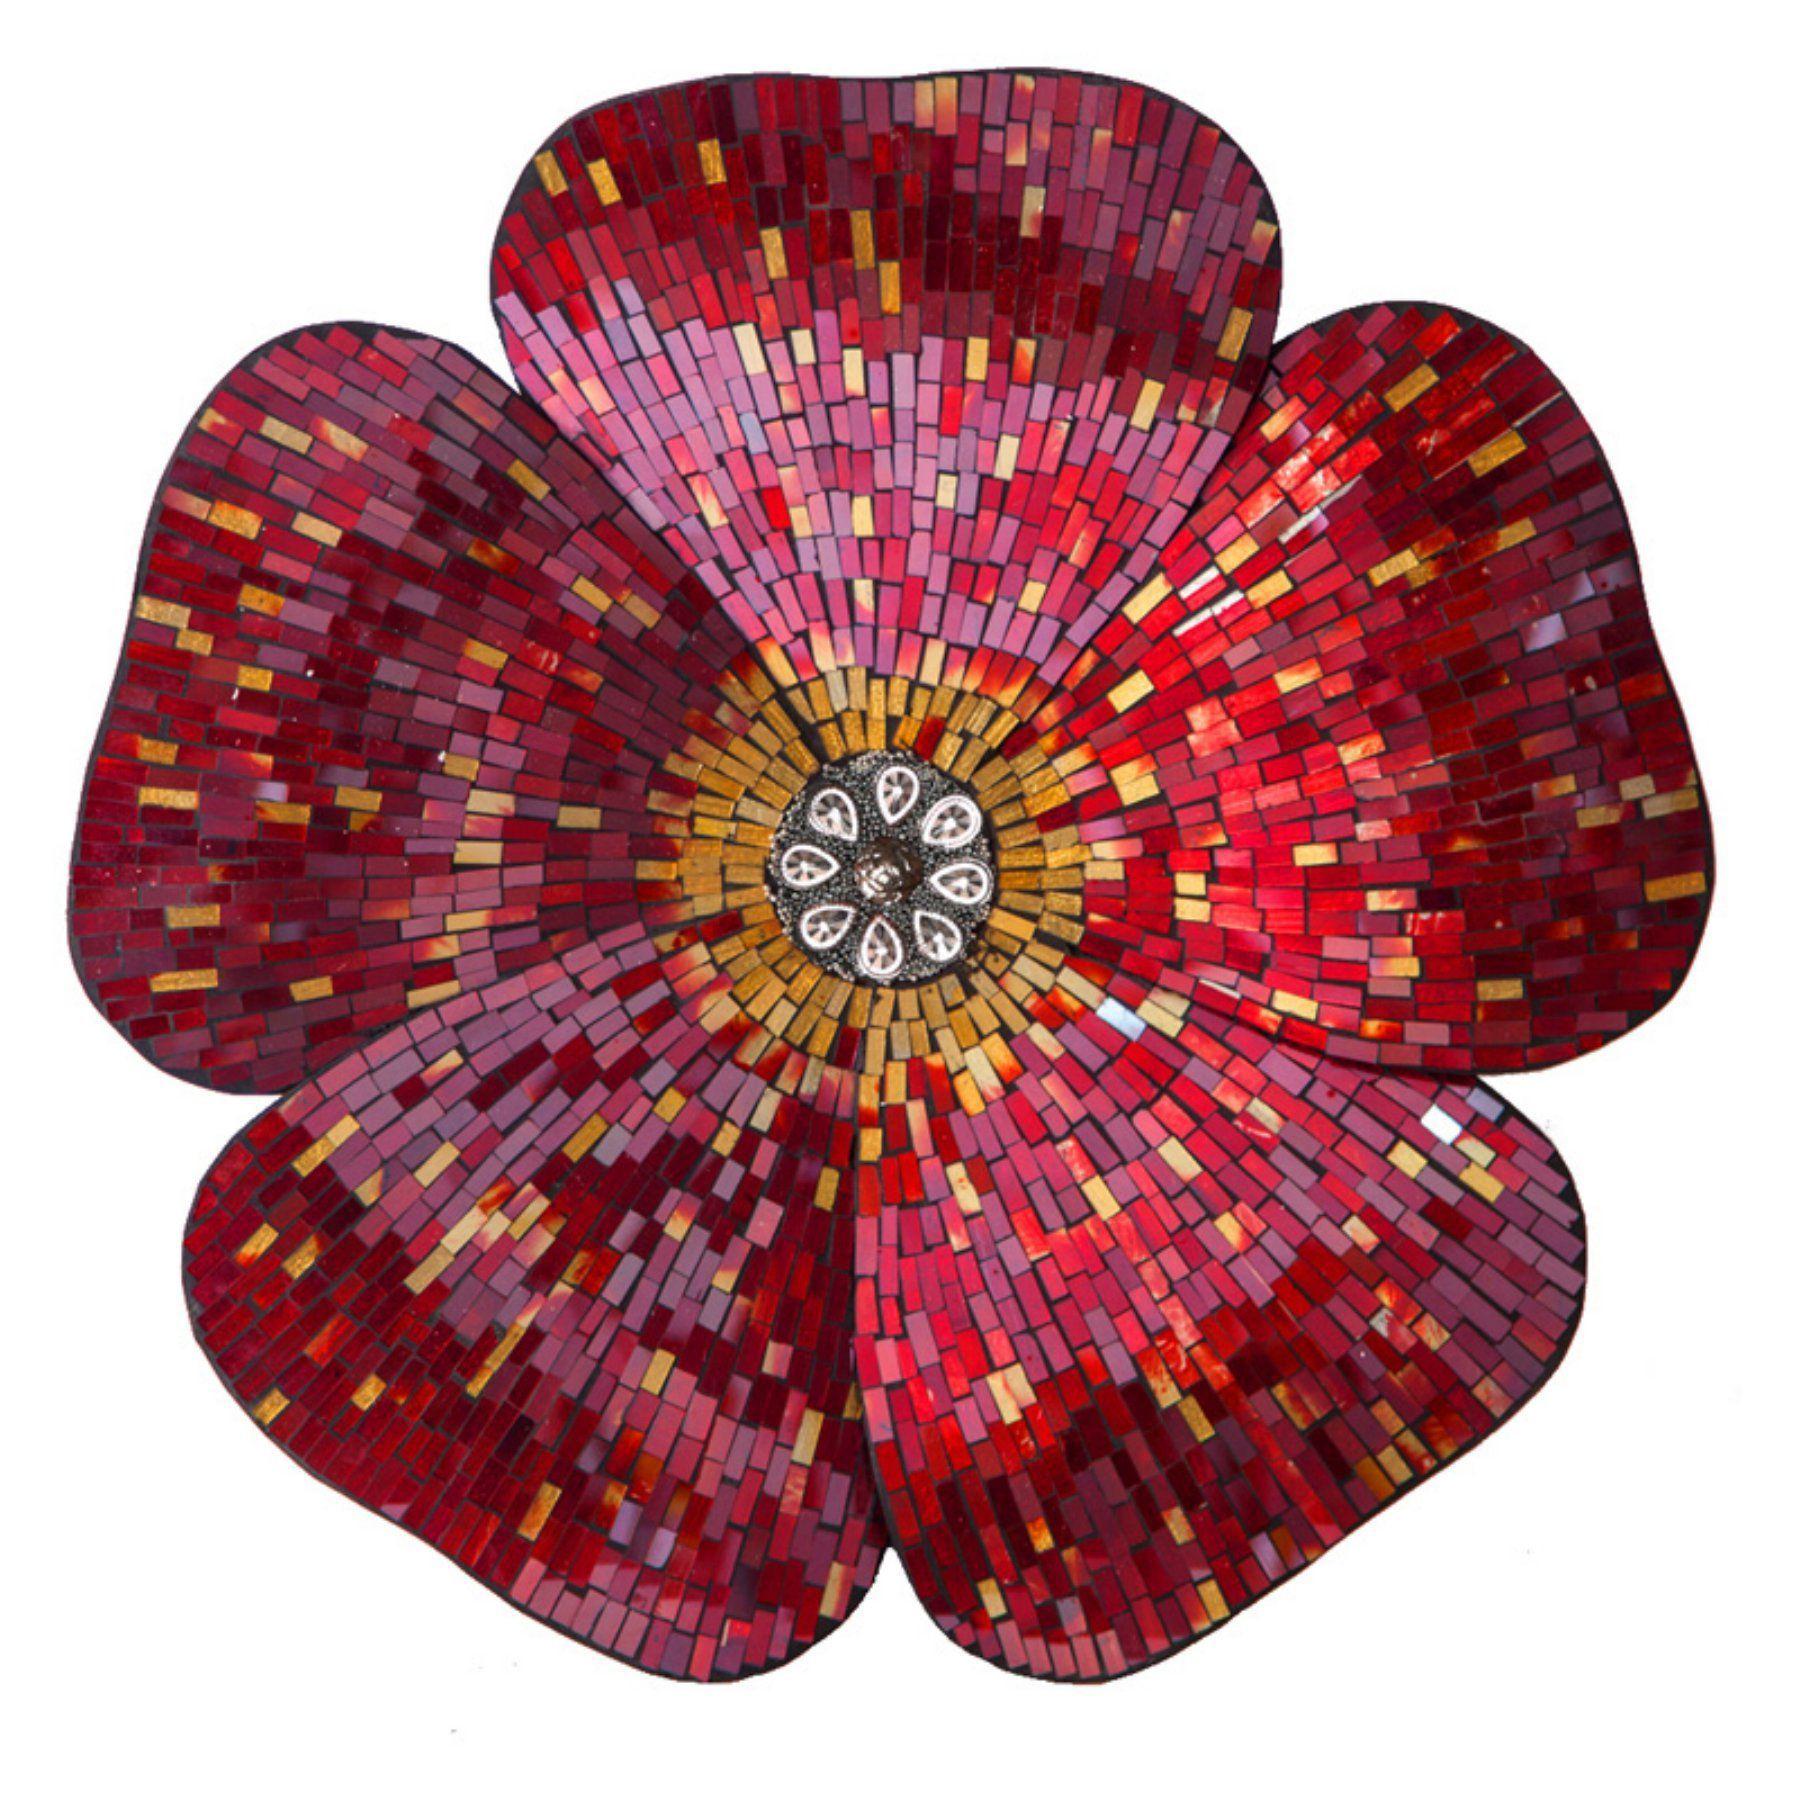 River Of Goods Mosaic Glass Flower Wall Sculpture